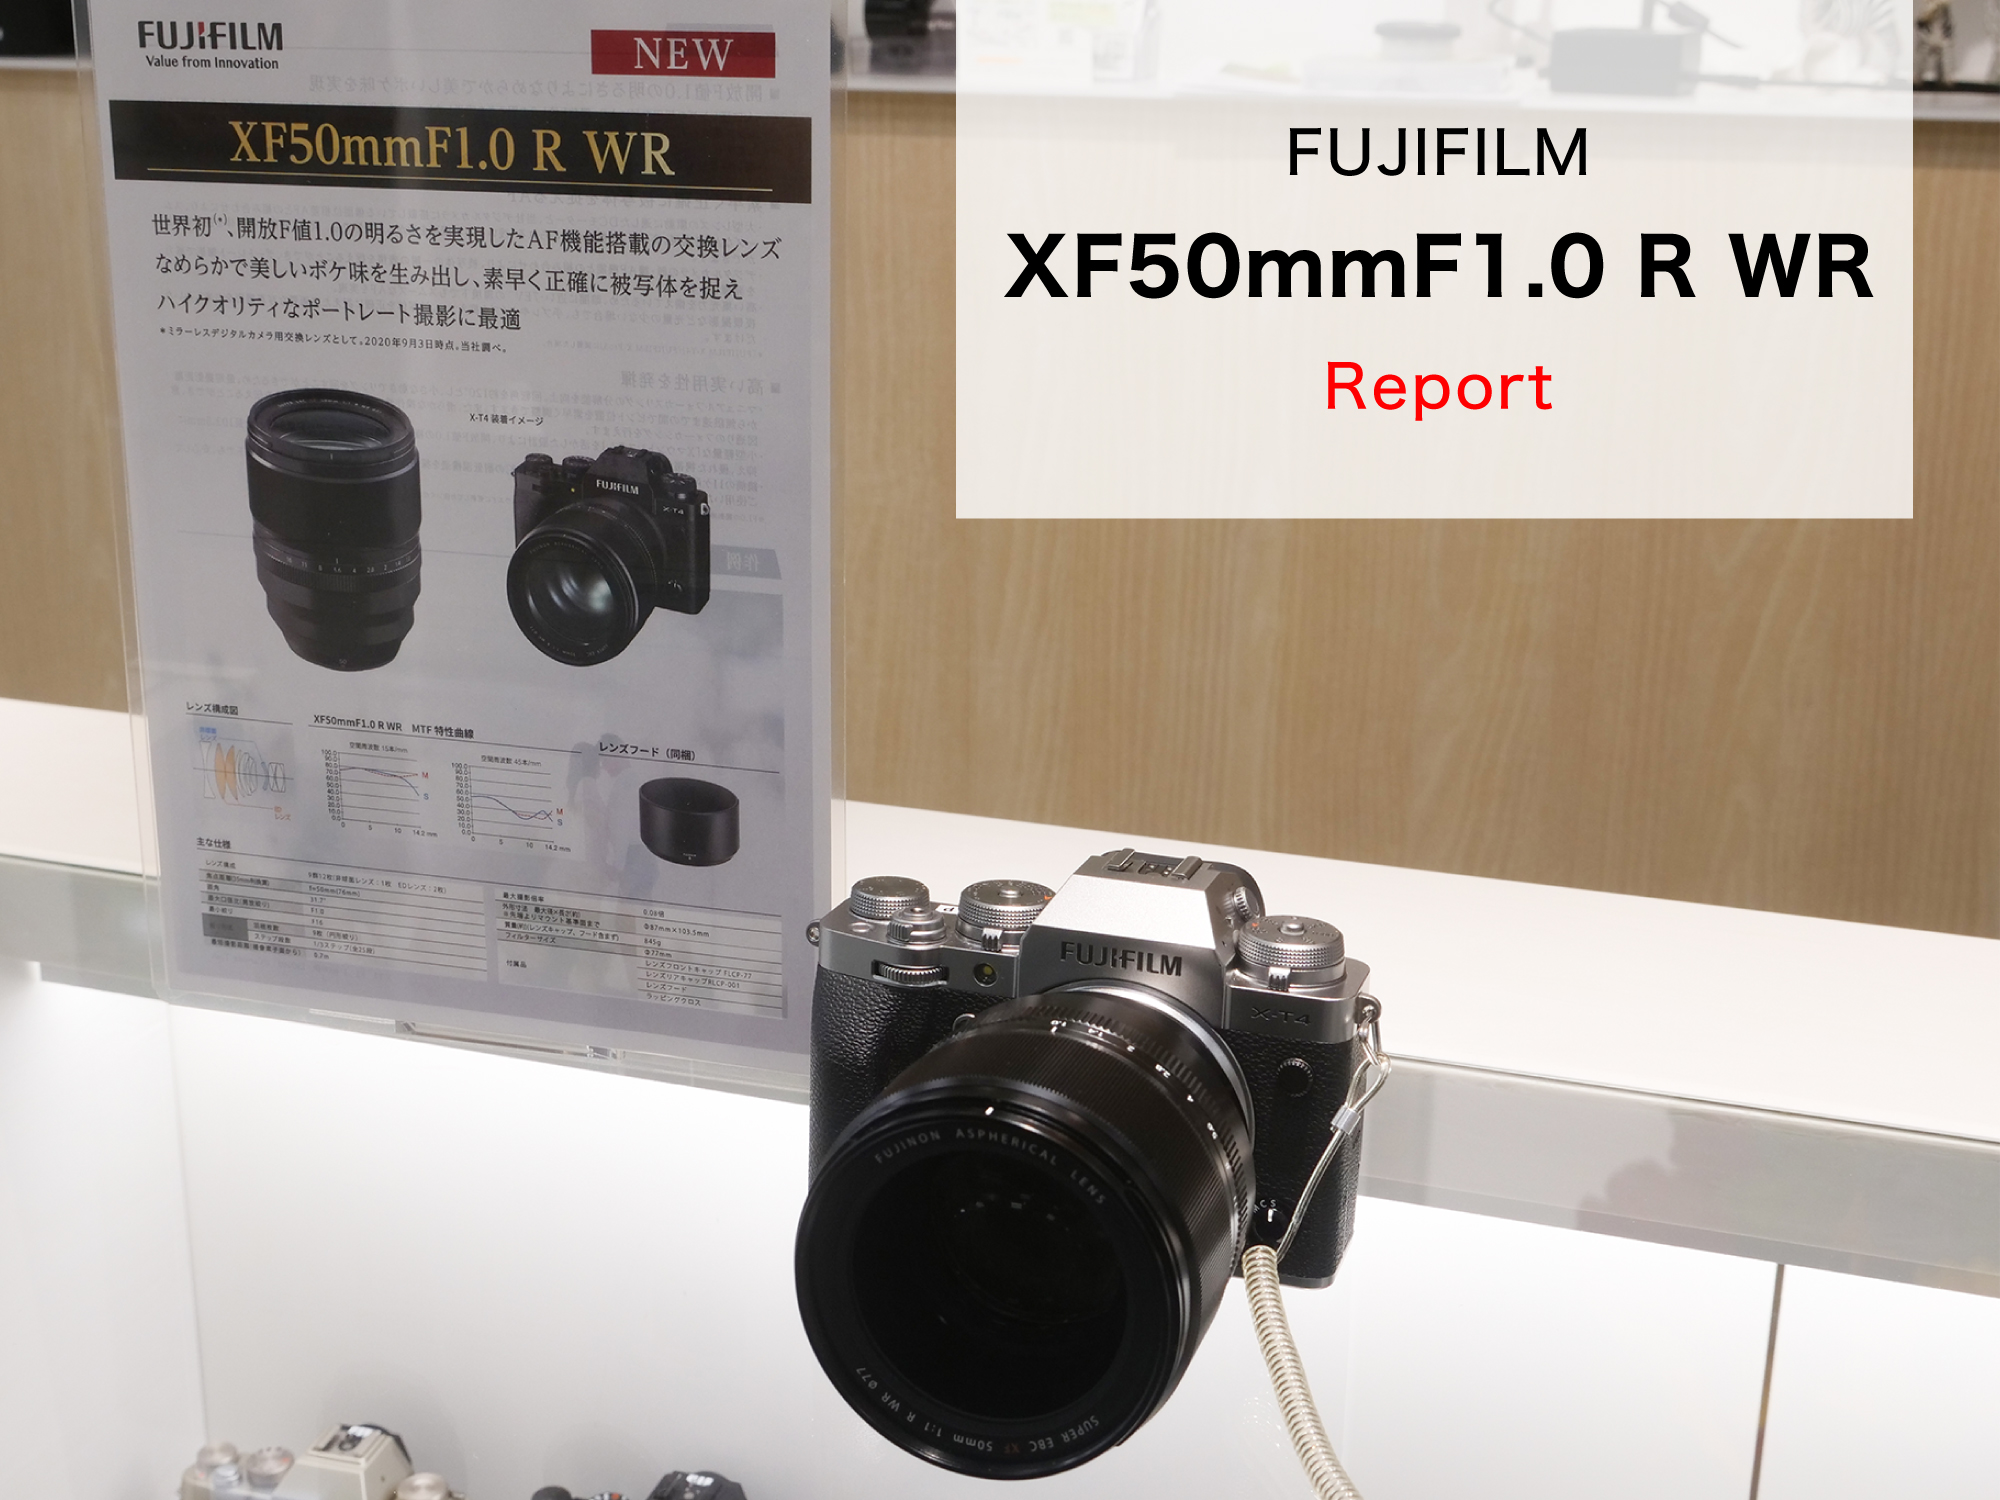 【FUJIFILM】XF50mmF1.0 R WR 先行展示レポート